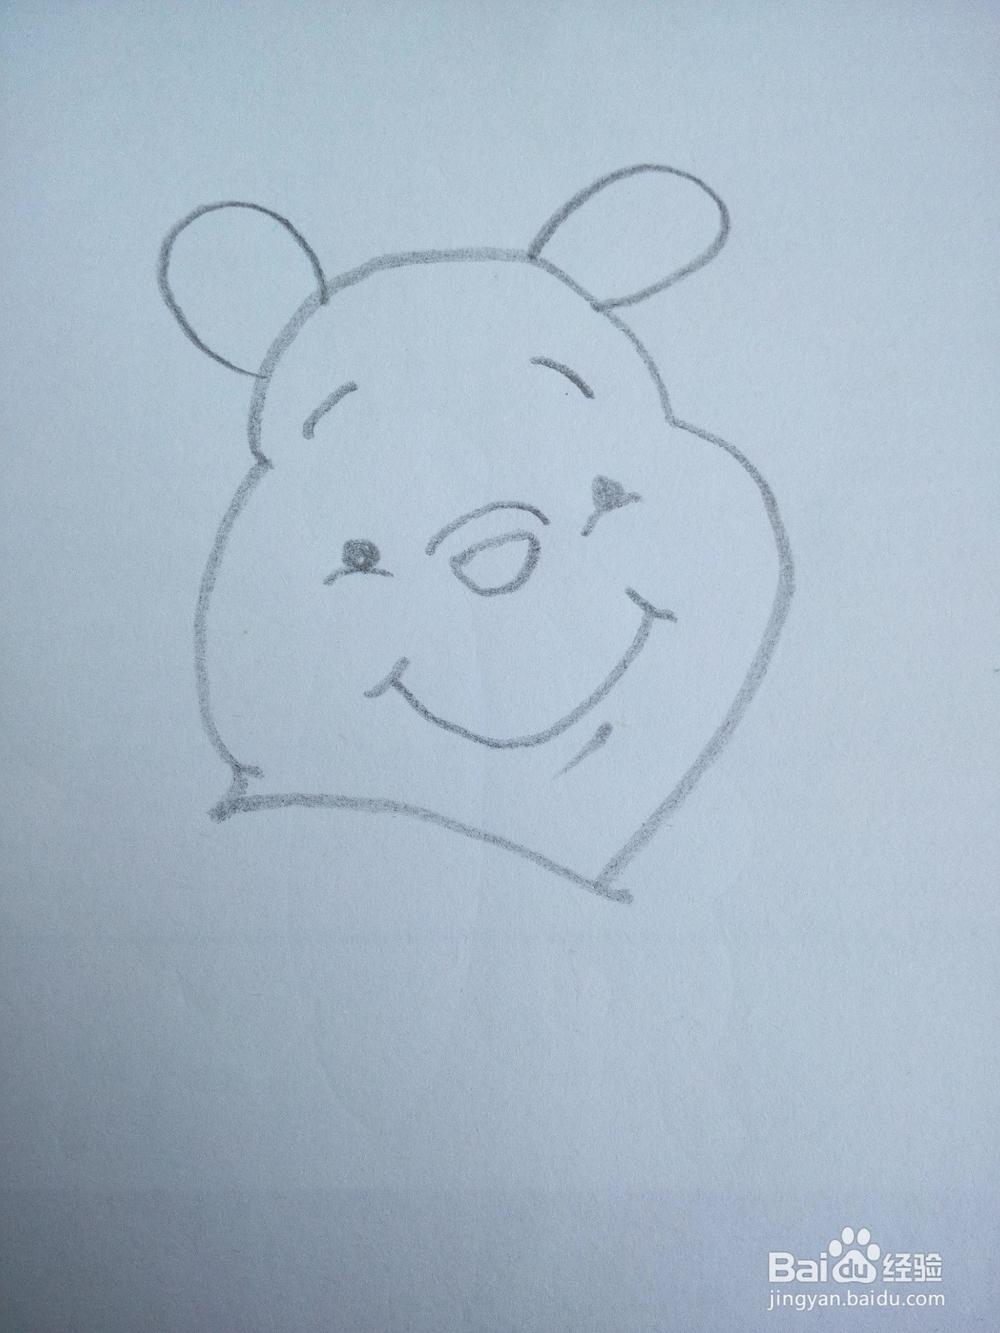 如何简笔画一只小熊维尼?